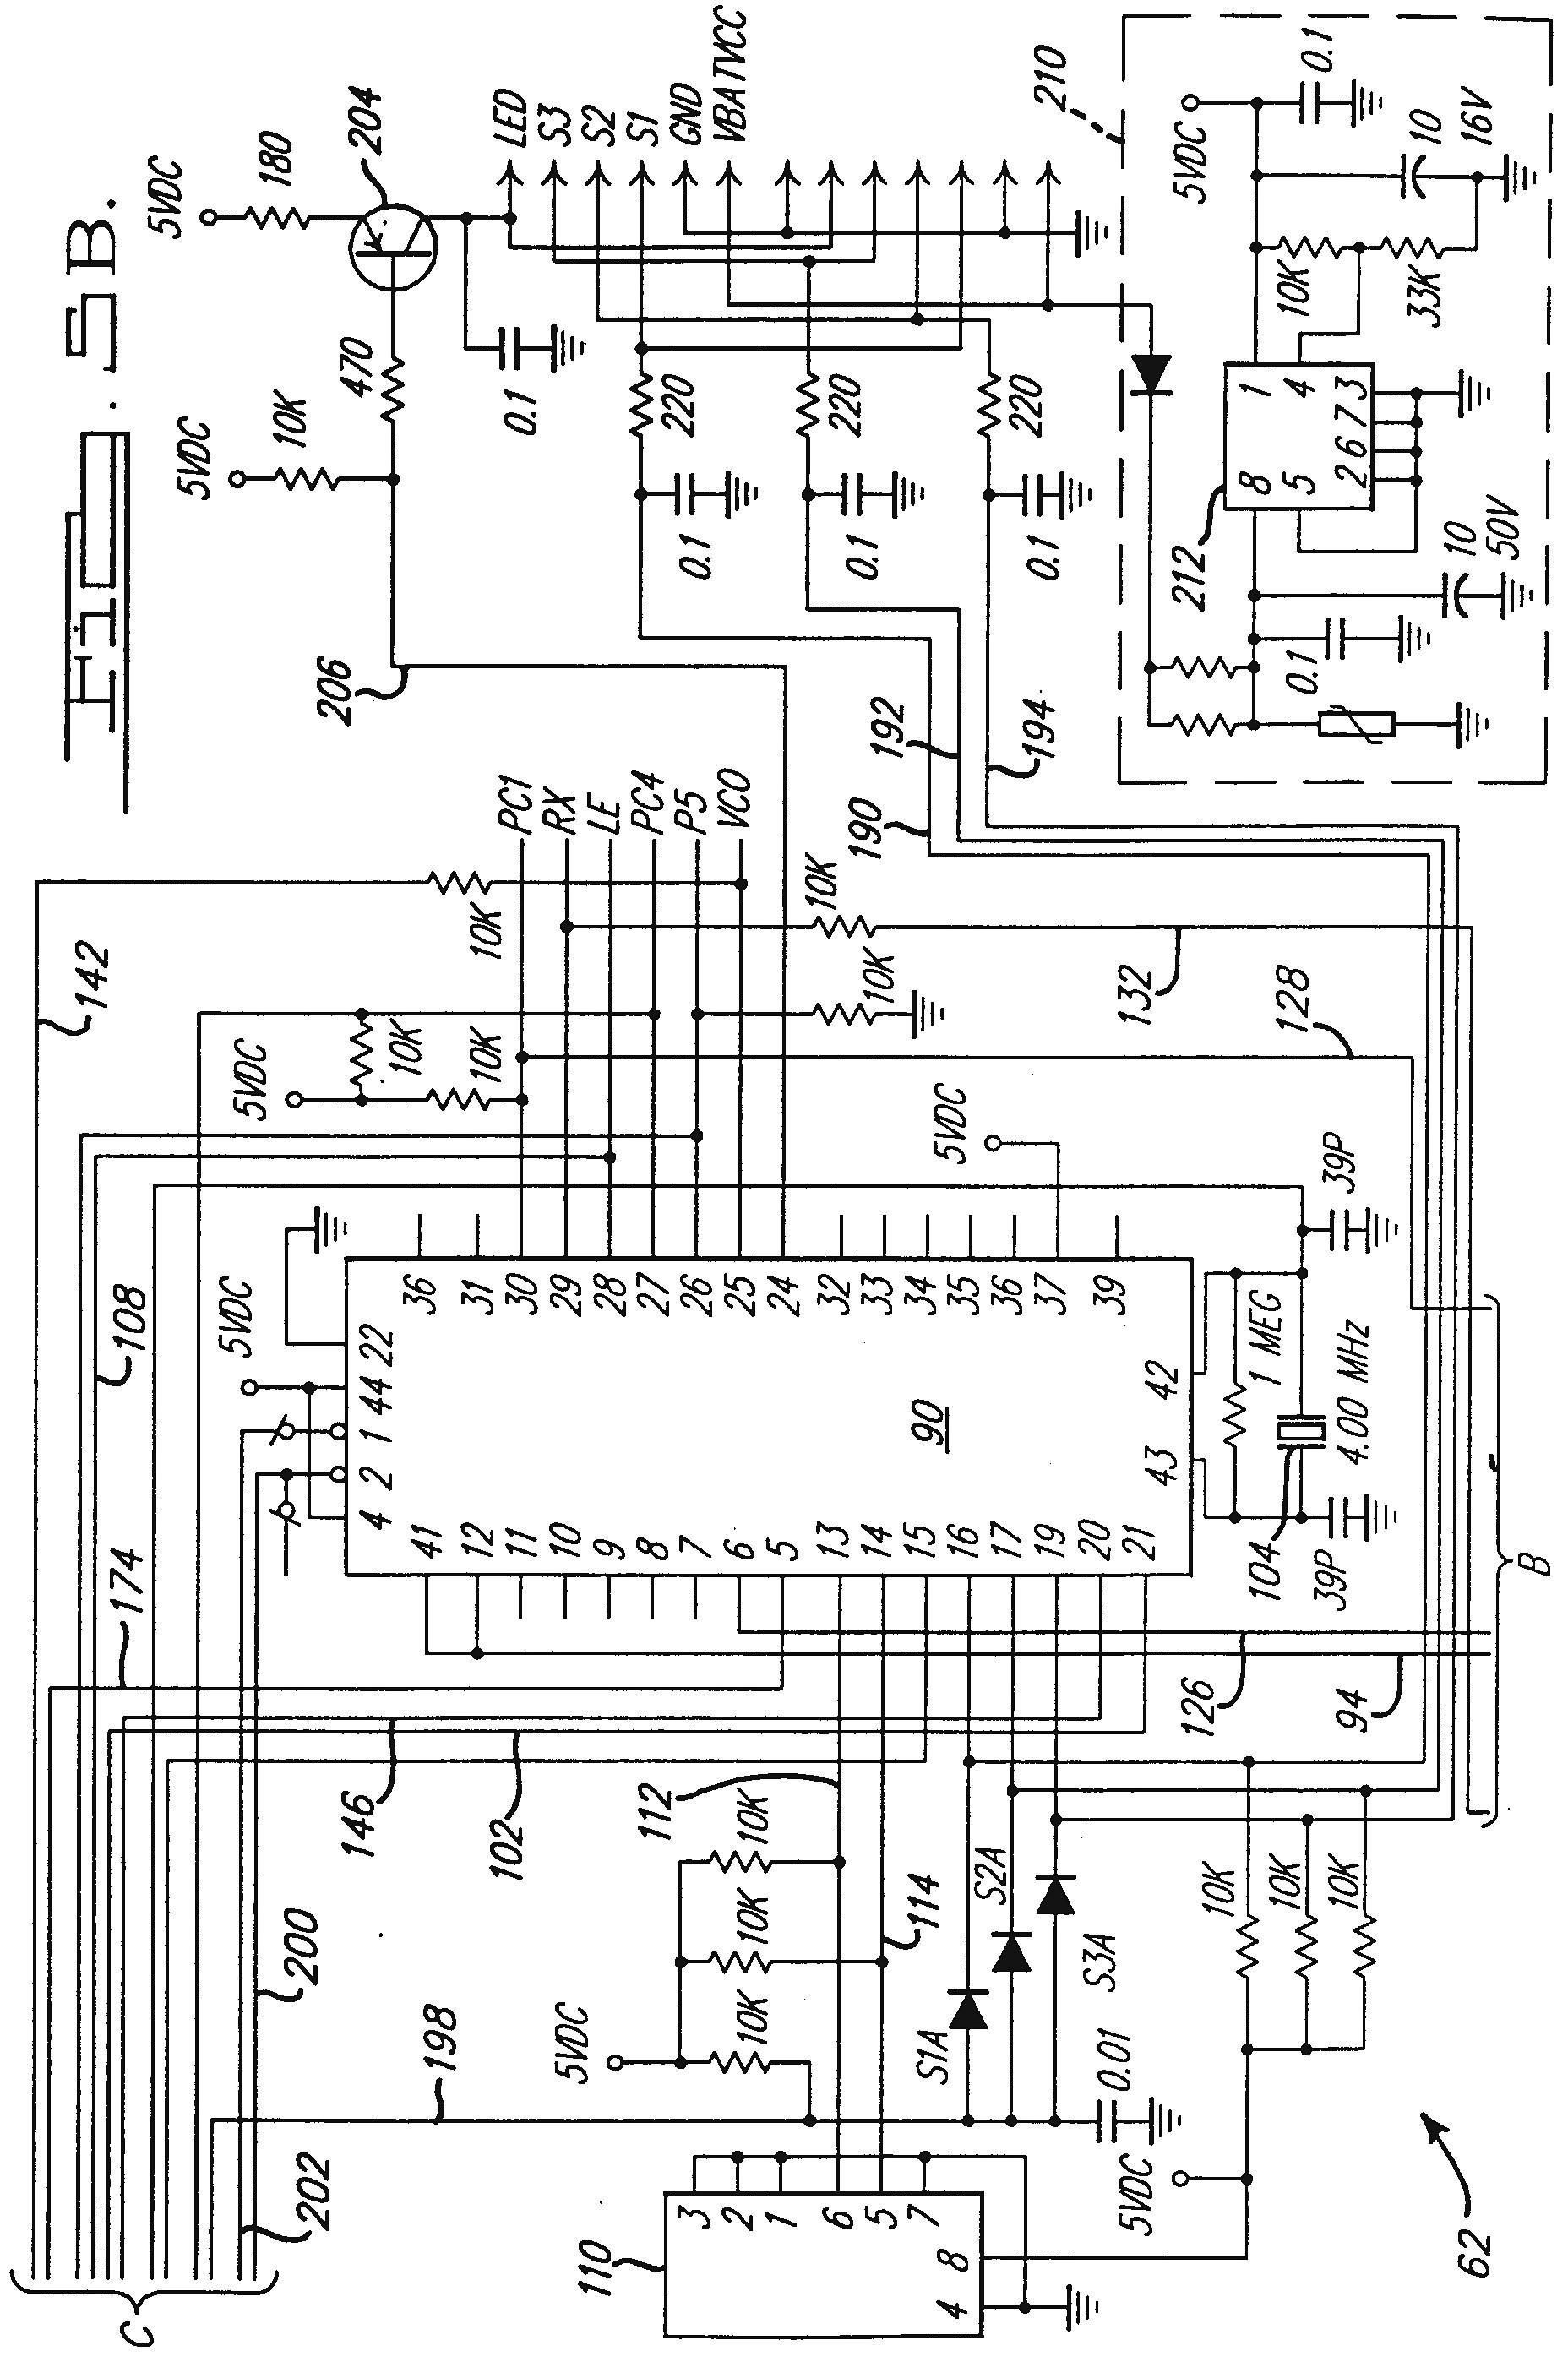 Liftmaster Garage Door Opener Wiring Diagram Fresh Genie Garage Door Opener Wiring Diagram Diagram Of Liftmaster Garage Door Opener Wiring Diagram